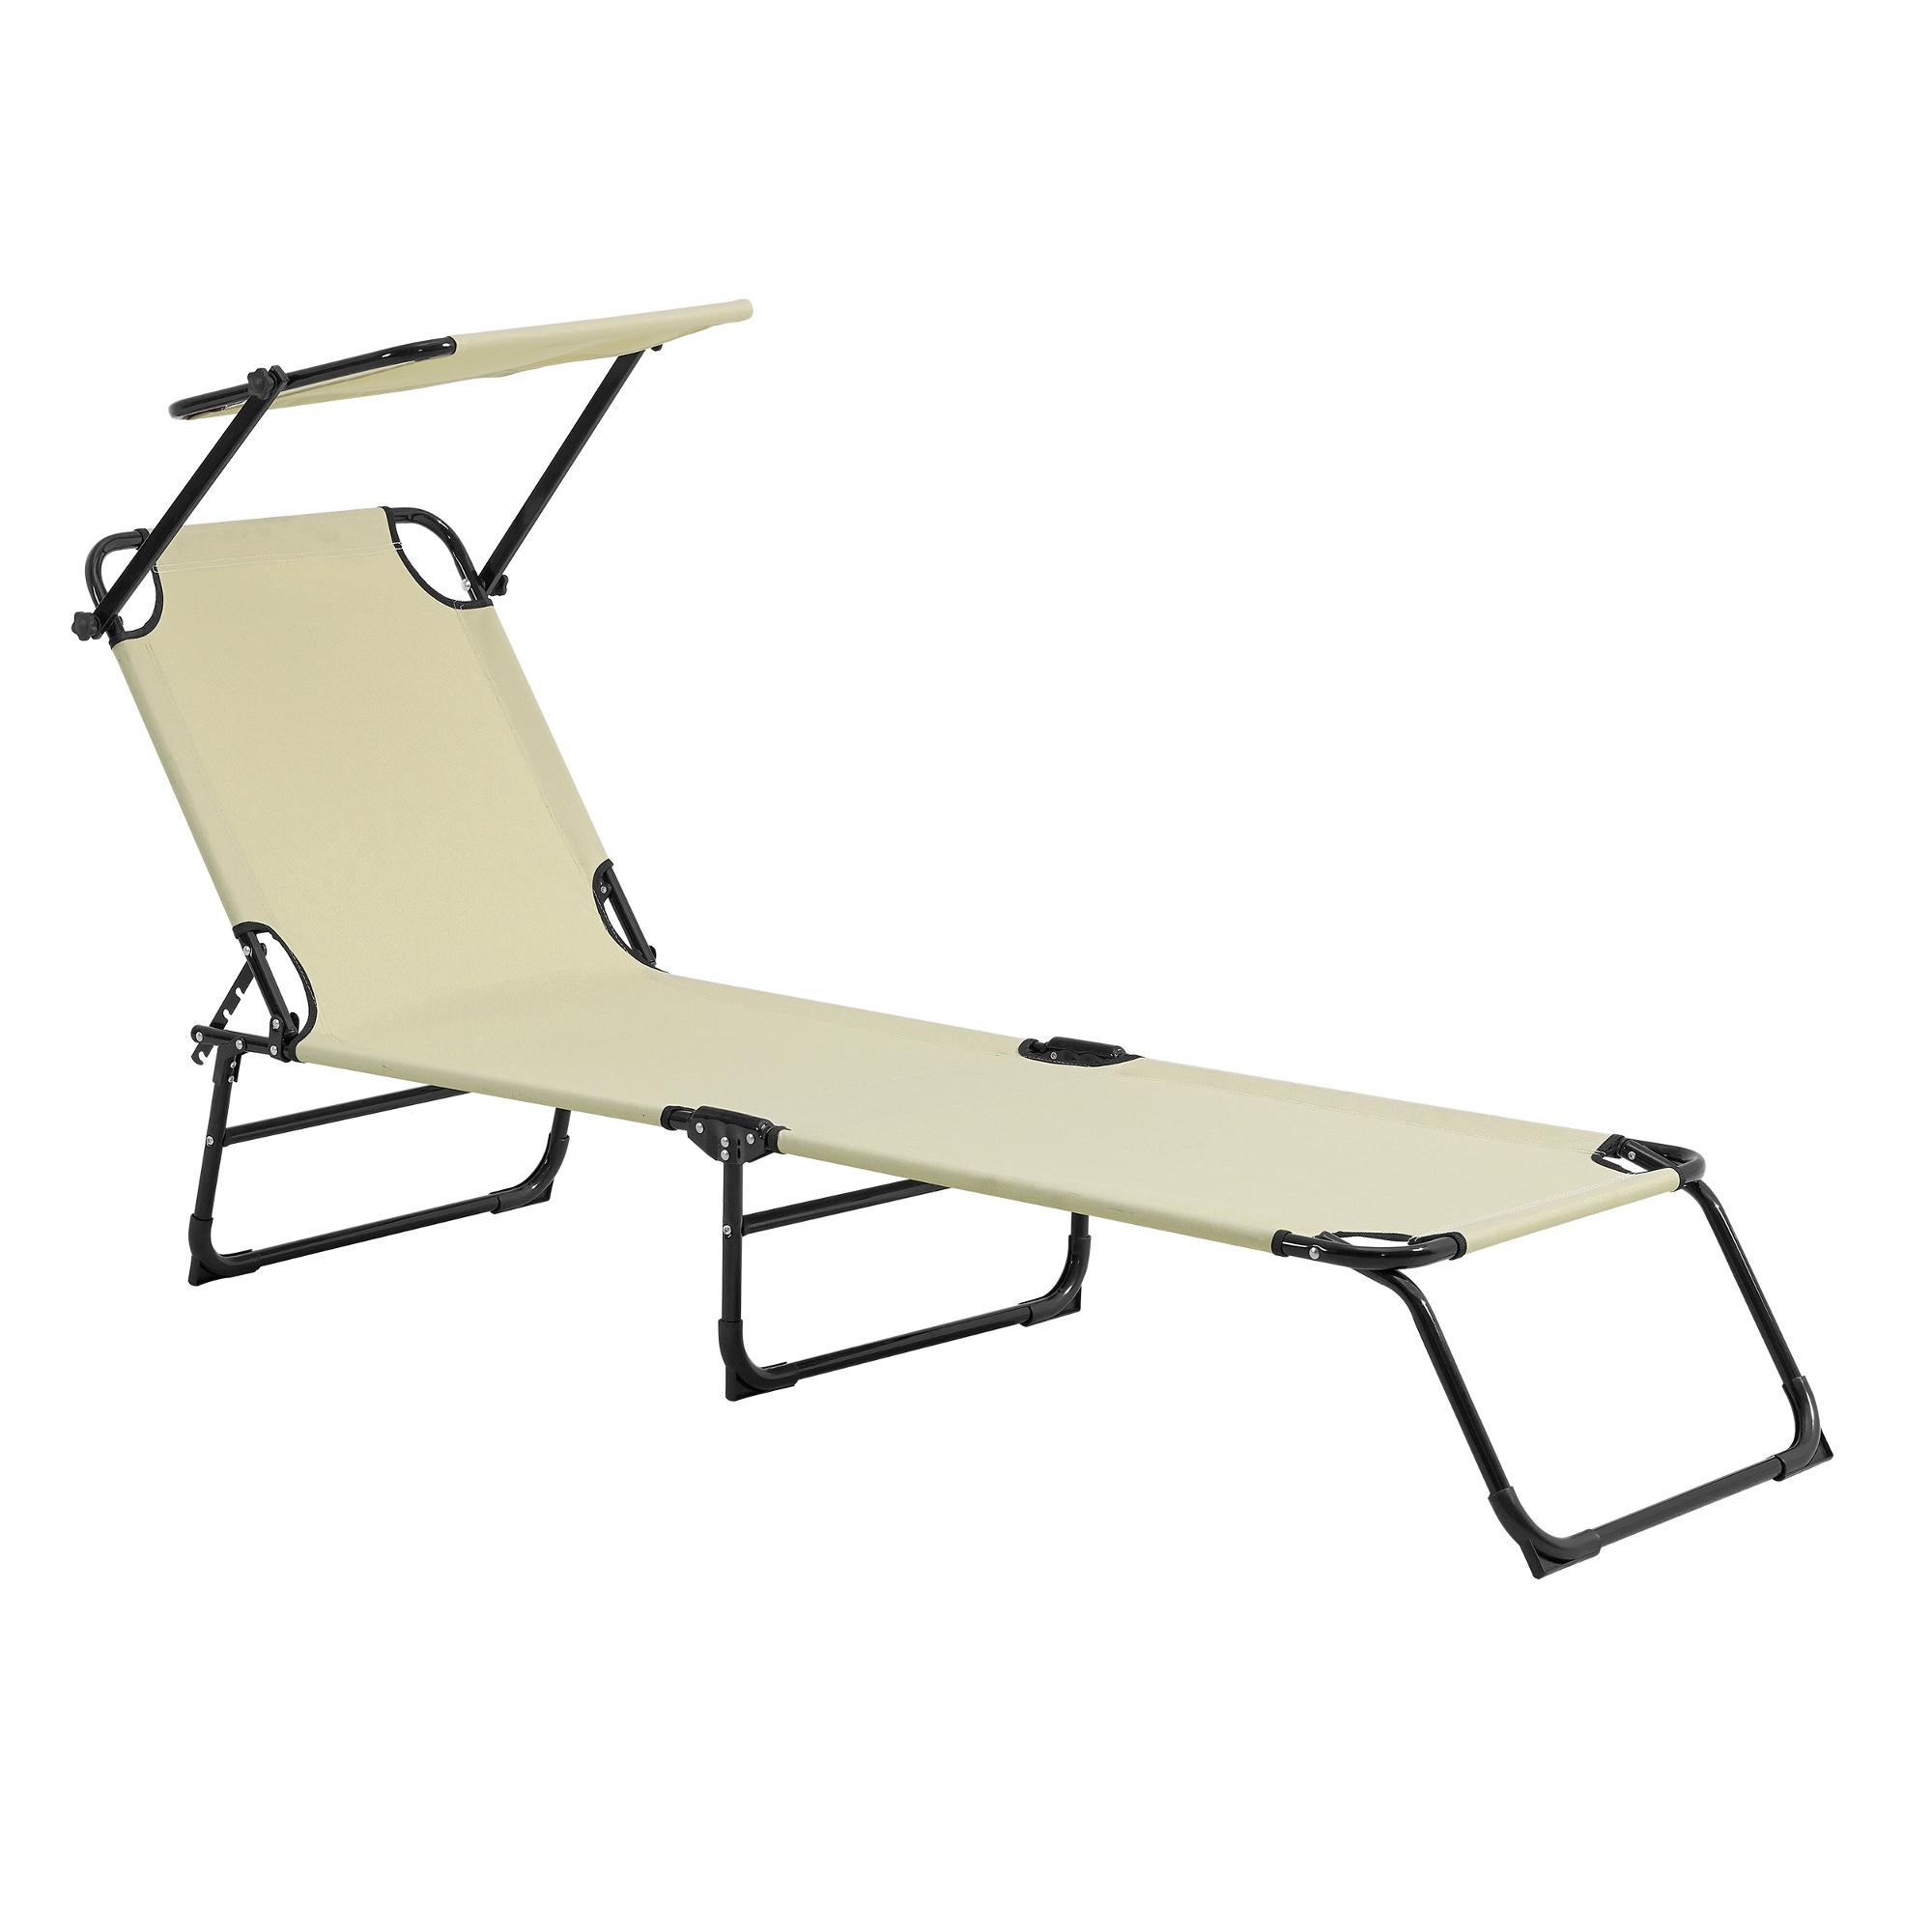 sonnenliege 190cm mit sonnendach gartenliege. Black Bedroom Furniture Sets. Home Design Ideas